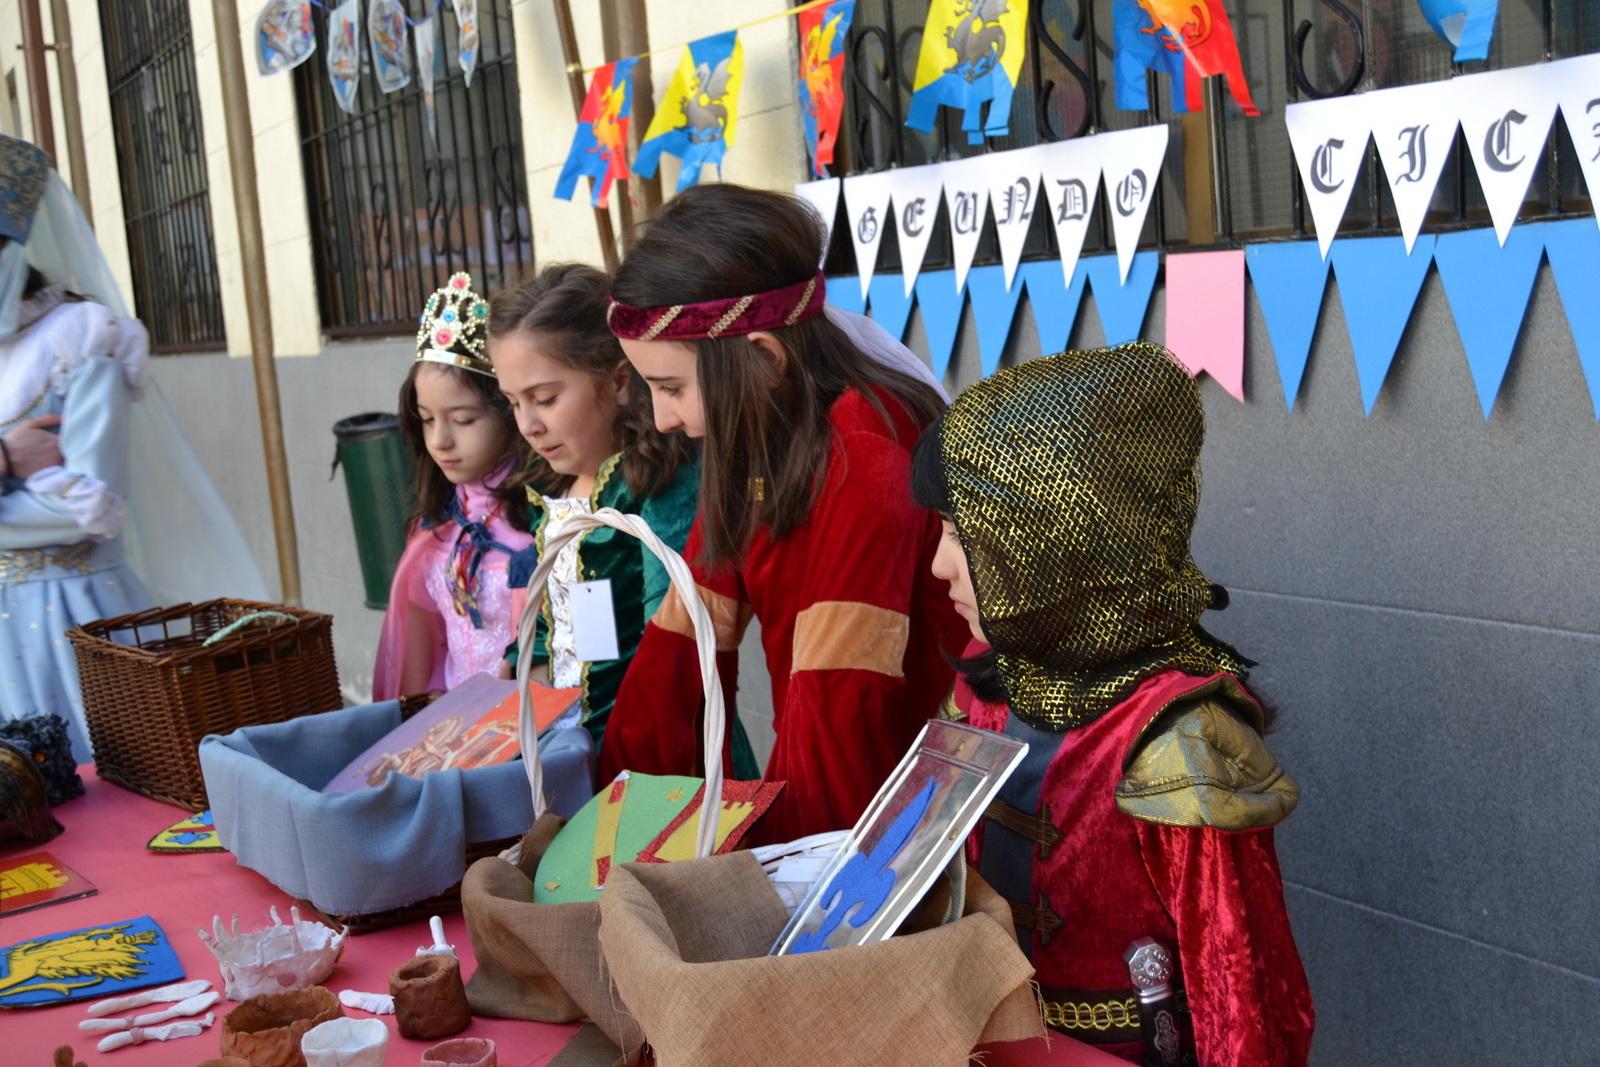 Jornadas Culturales y Depoortivas 2018 Exposiciones 1 31